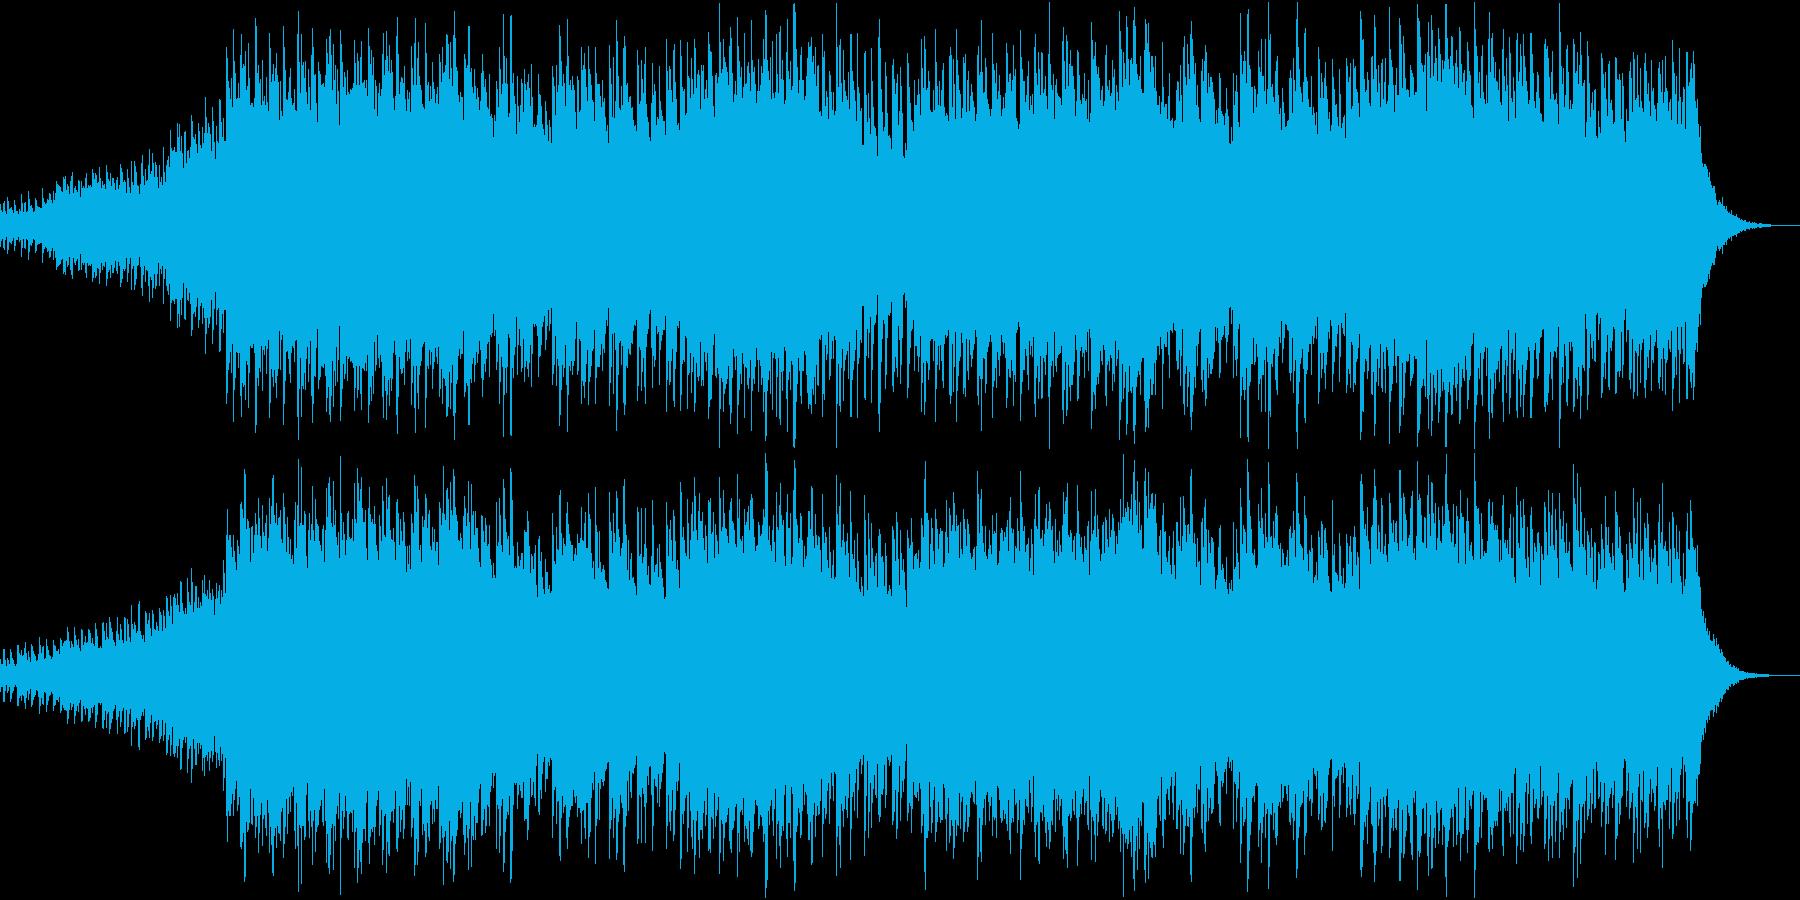 時を超えて夢を見るようなニューエイジ音楽の再生済みの波形